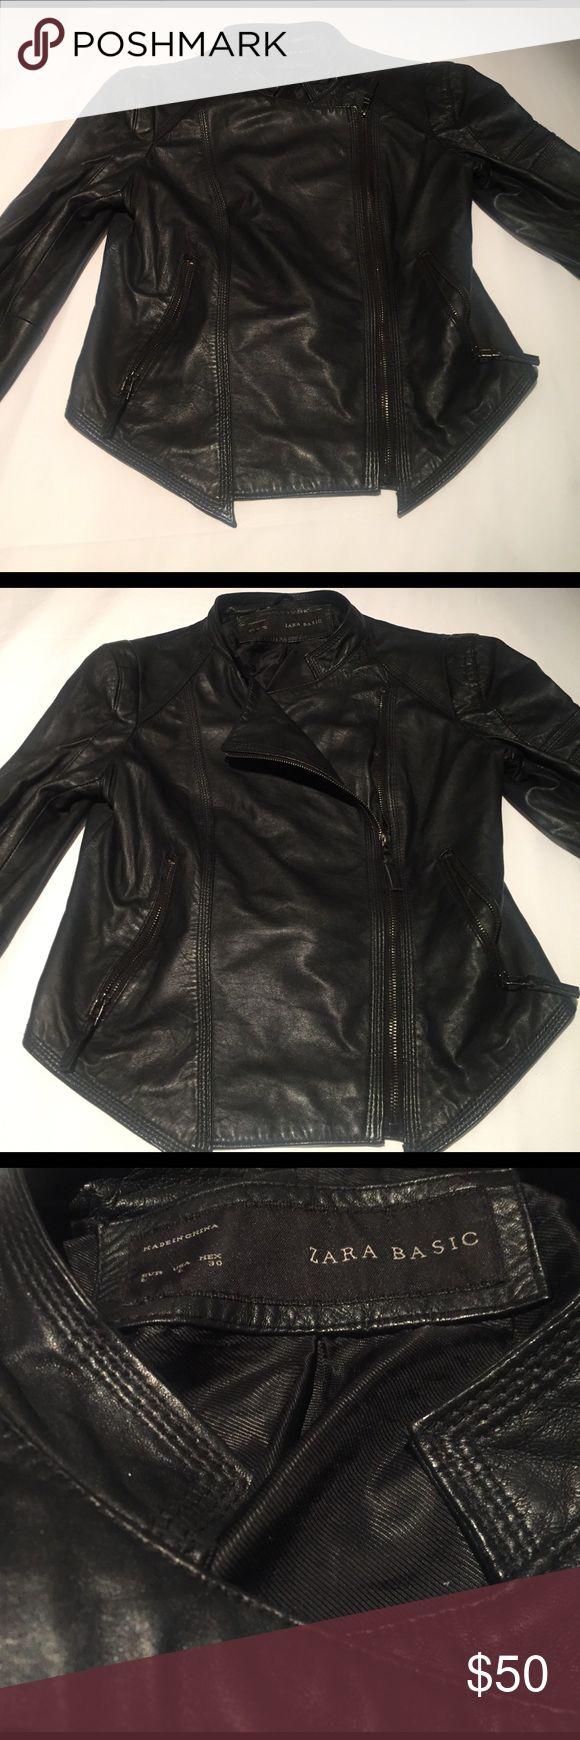 100% Leather Black Zara Jacket Gently used 100% leather jacket from Zara. Size large. Zara Jackets & Coats